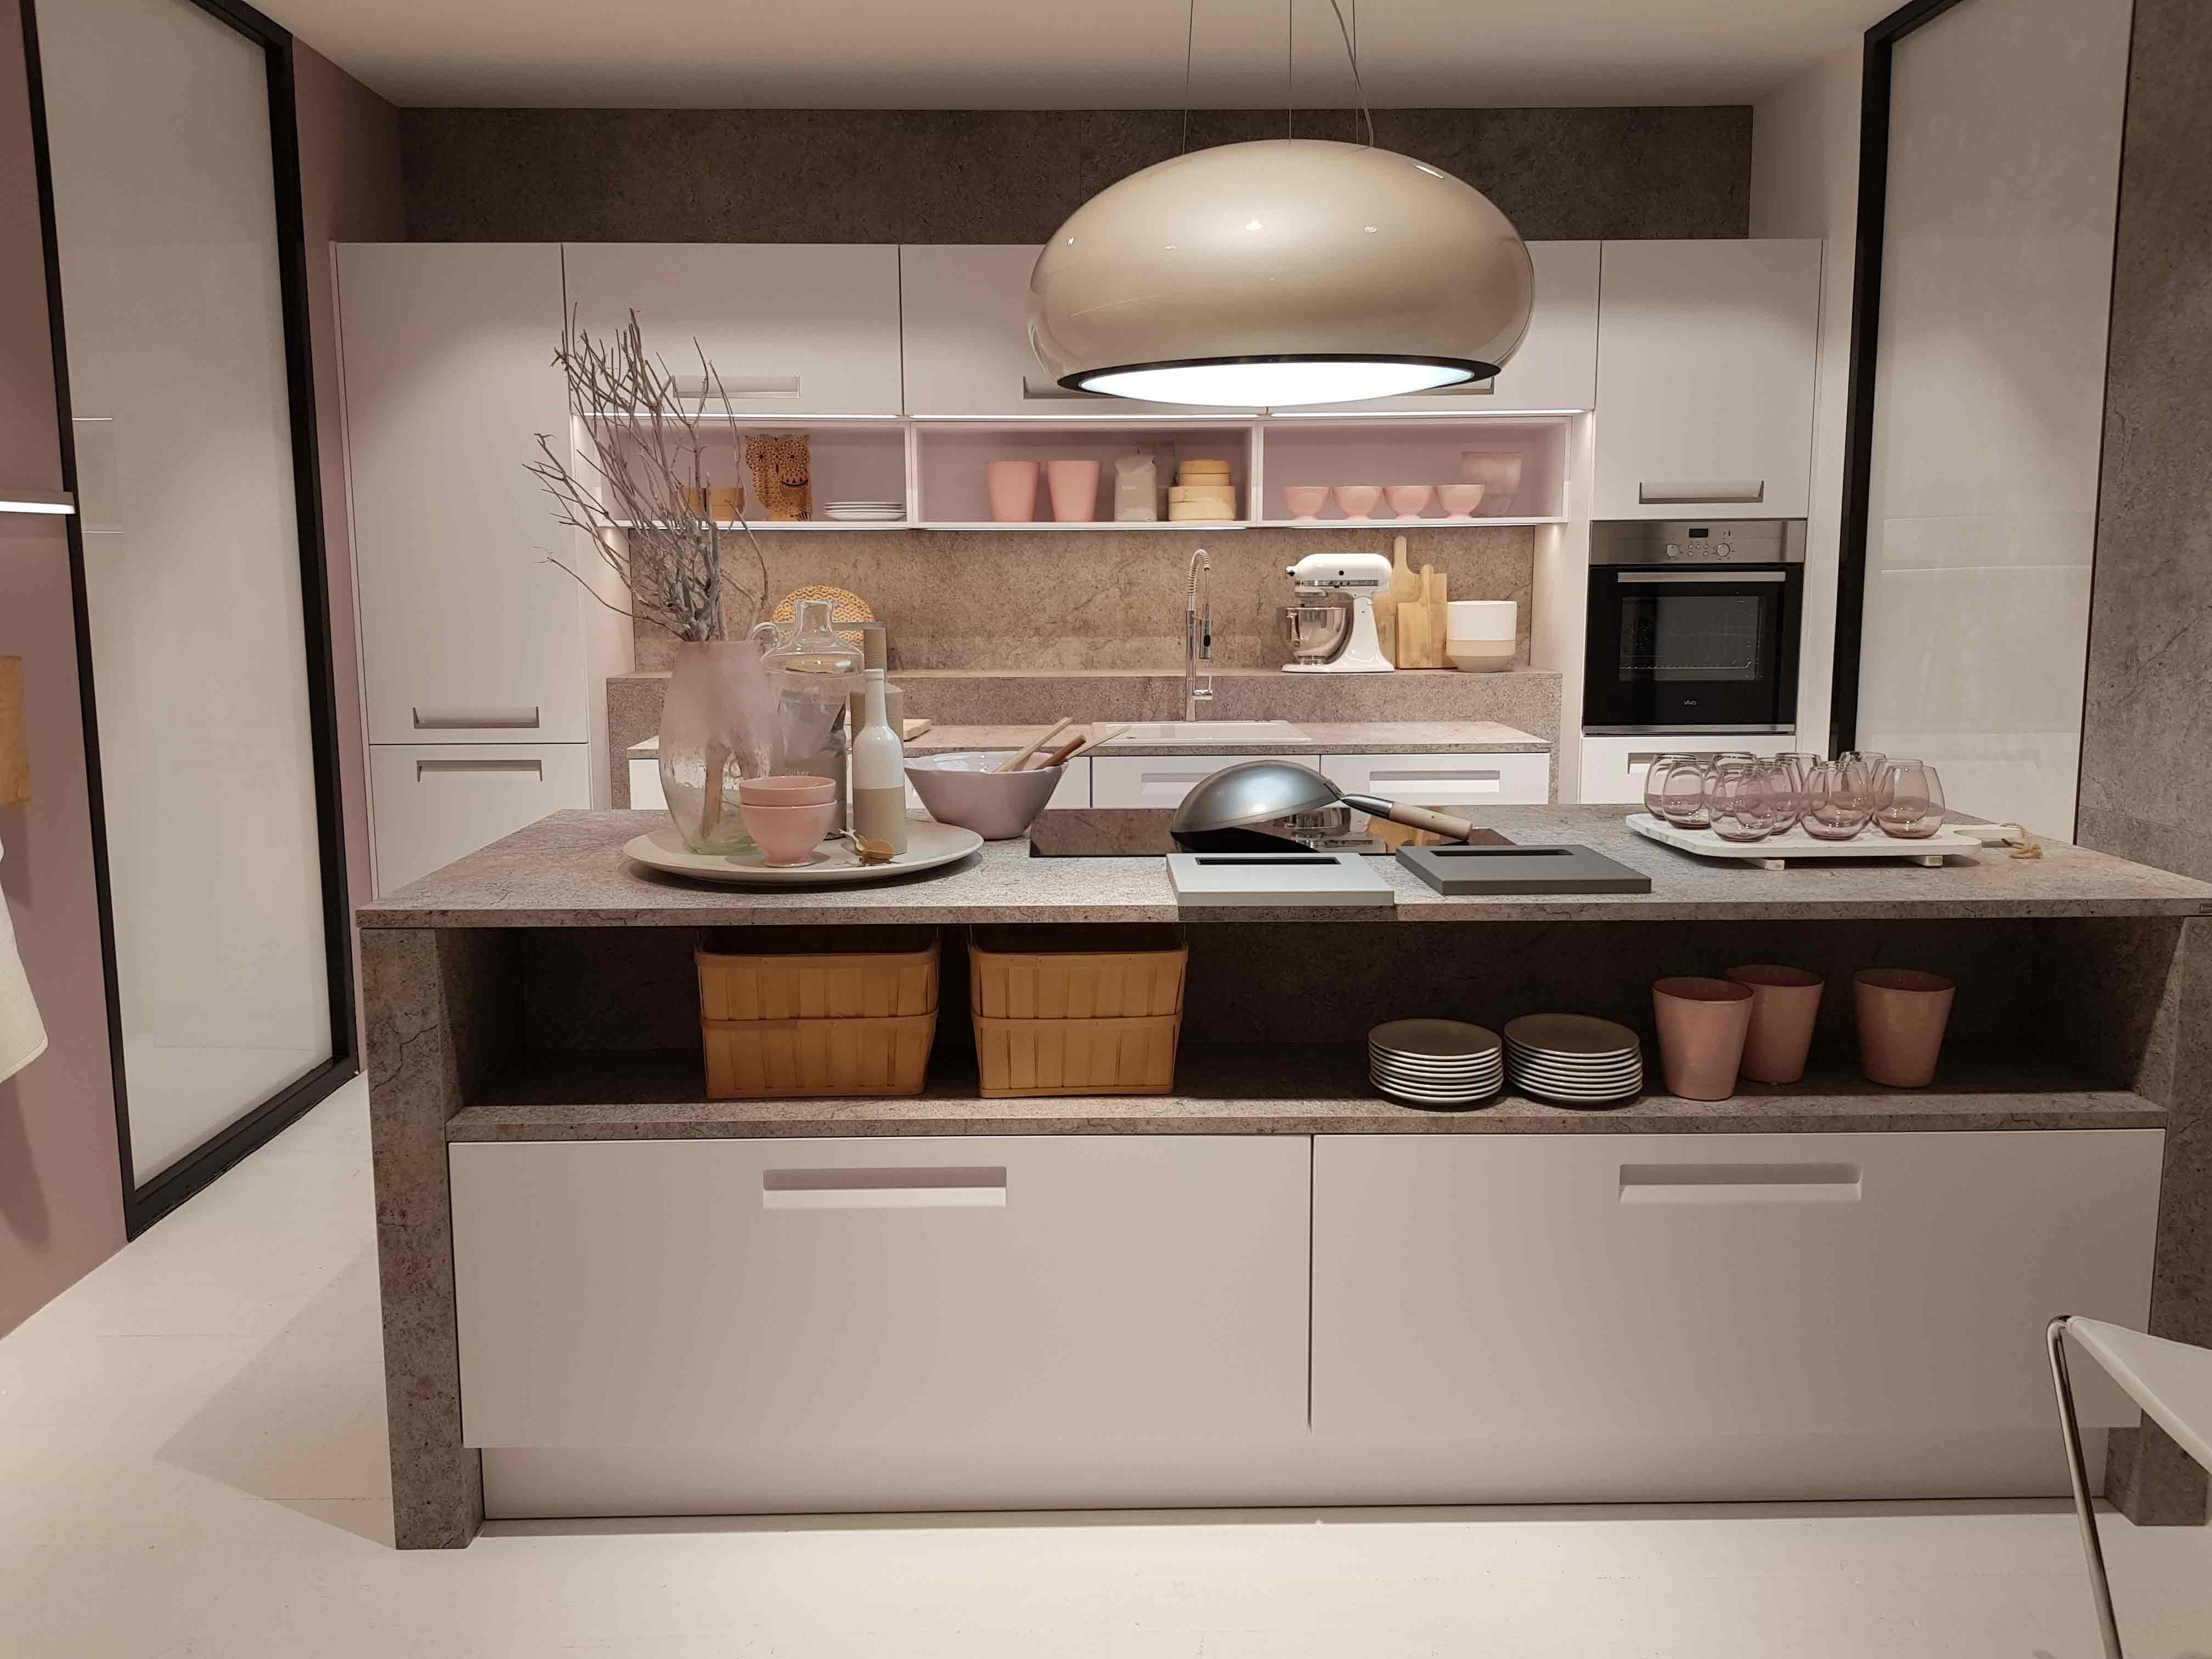 ber hmt marquardt k chen berlin zeitgen ssisch die besten wohnideen. Black Bedroom Furniture Sets. Home Design Ideas